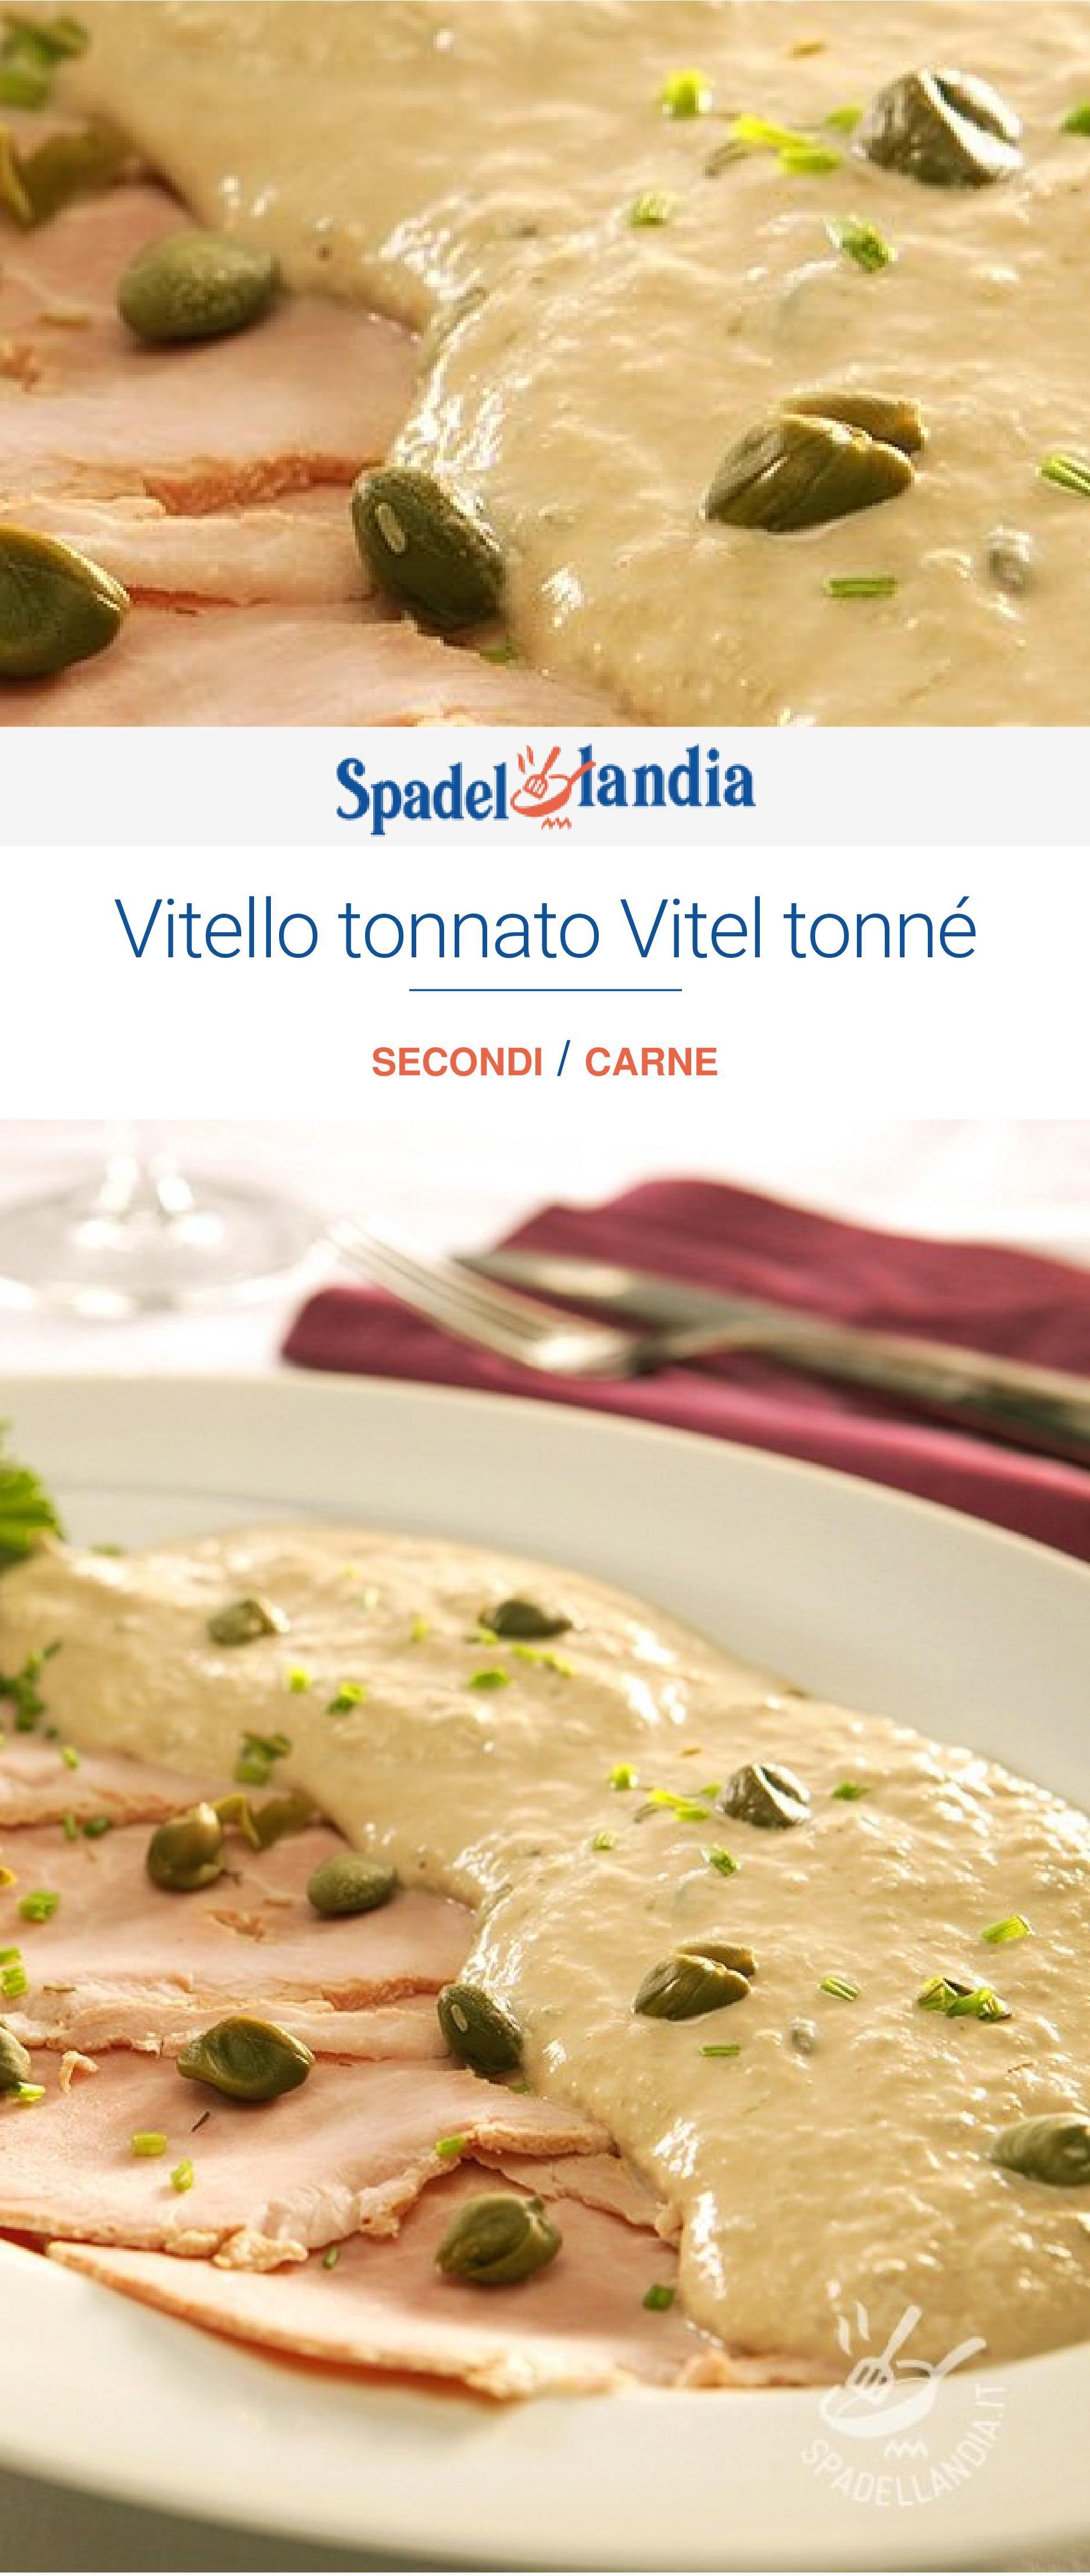 Ricetta Della Nonna Vitello Tonnato.Vitello Tonnato Vitel Tonne Ricetta Ricette Ricette Di Cucina Salsa Tonno